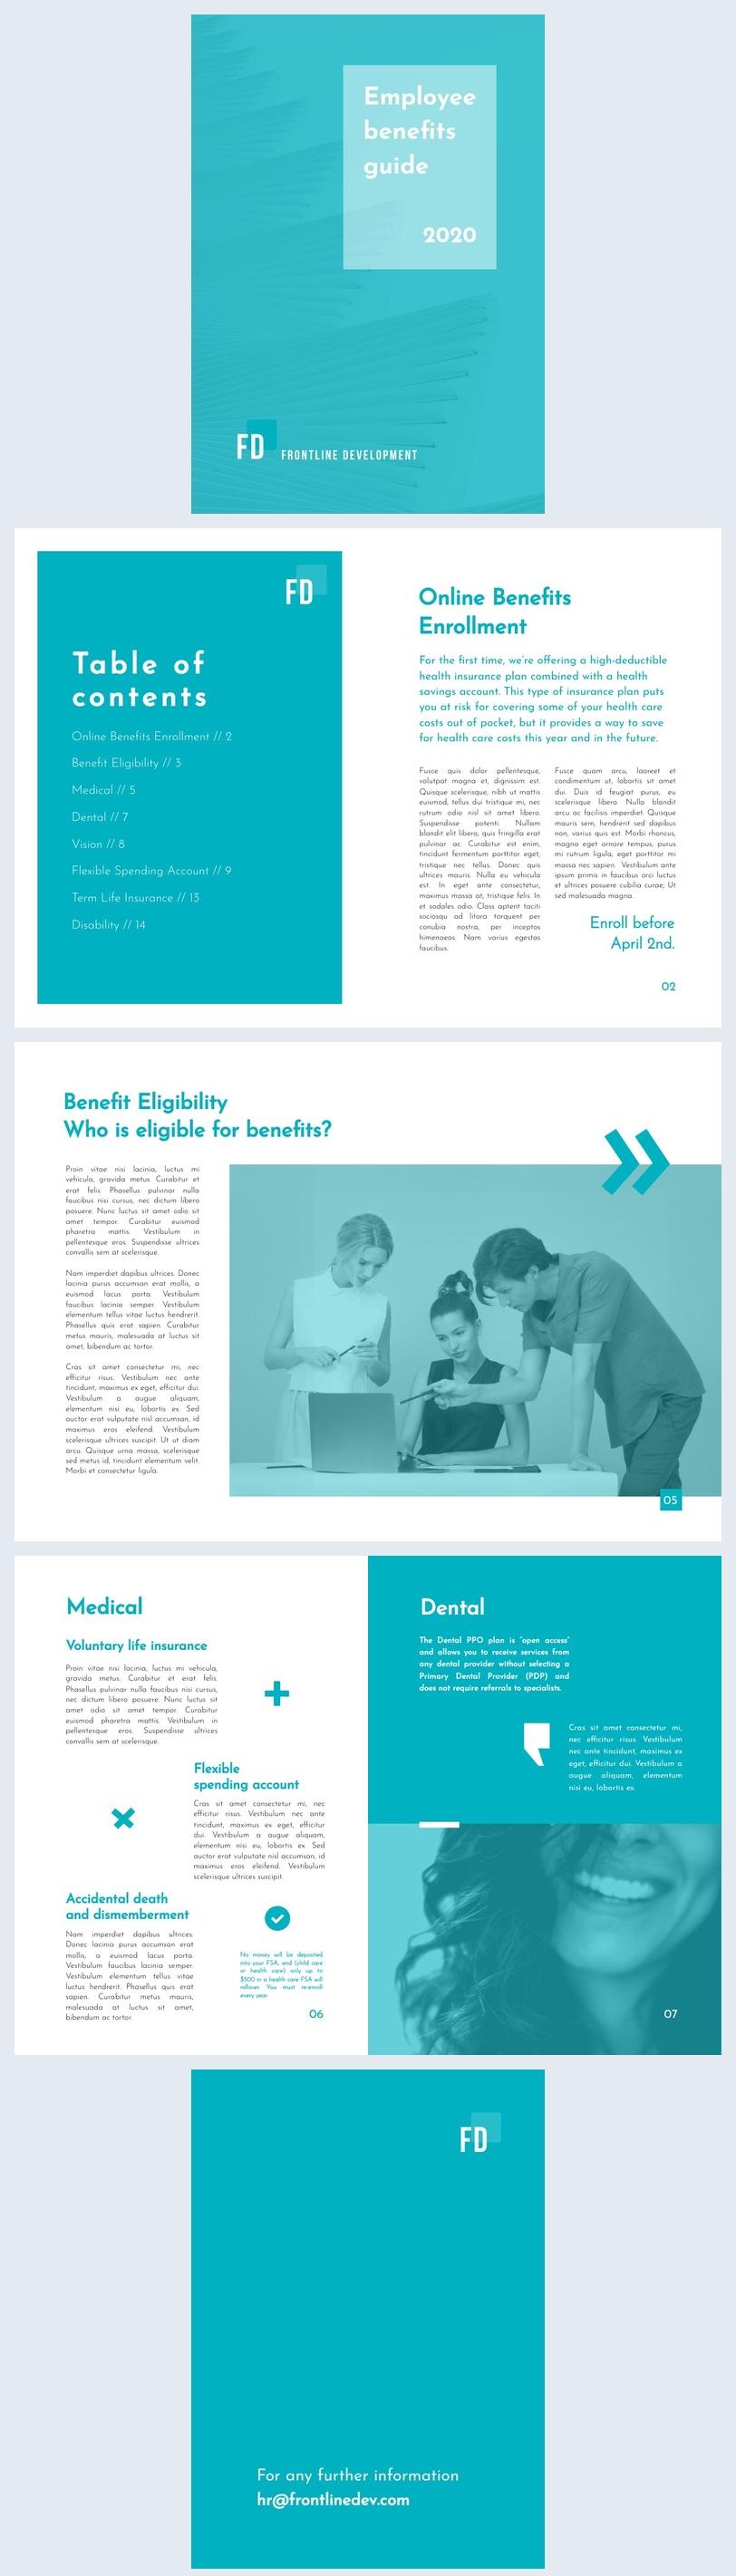 Modello di layout esemplare per guida sui benefici per i dipendenti